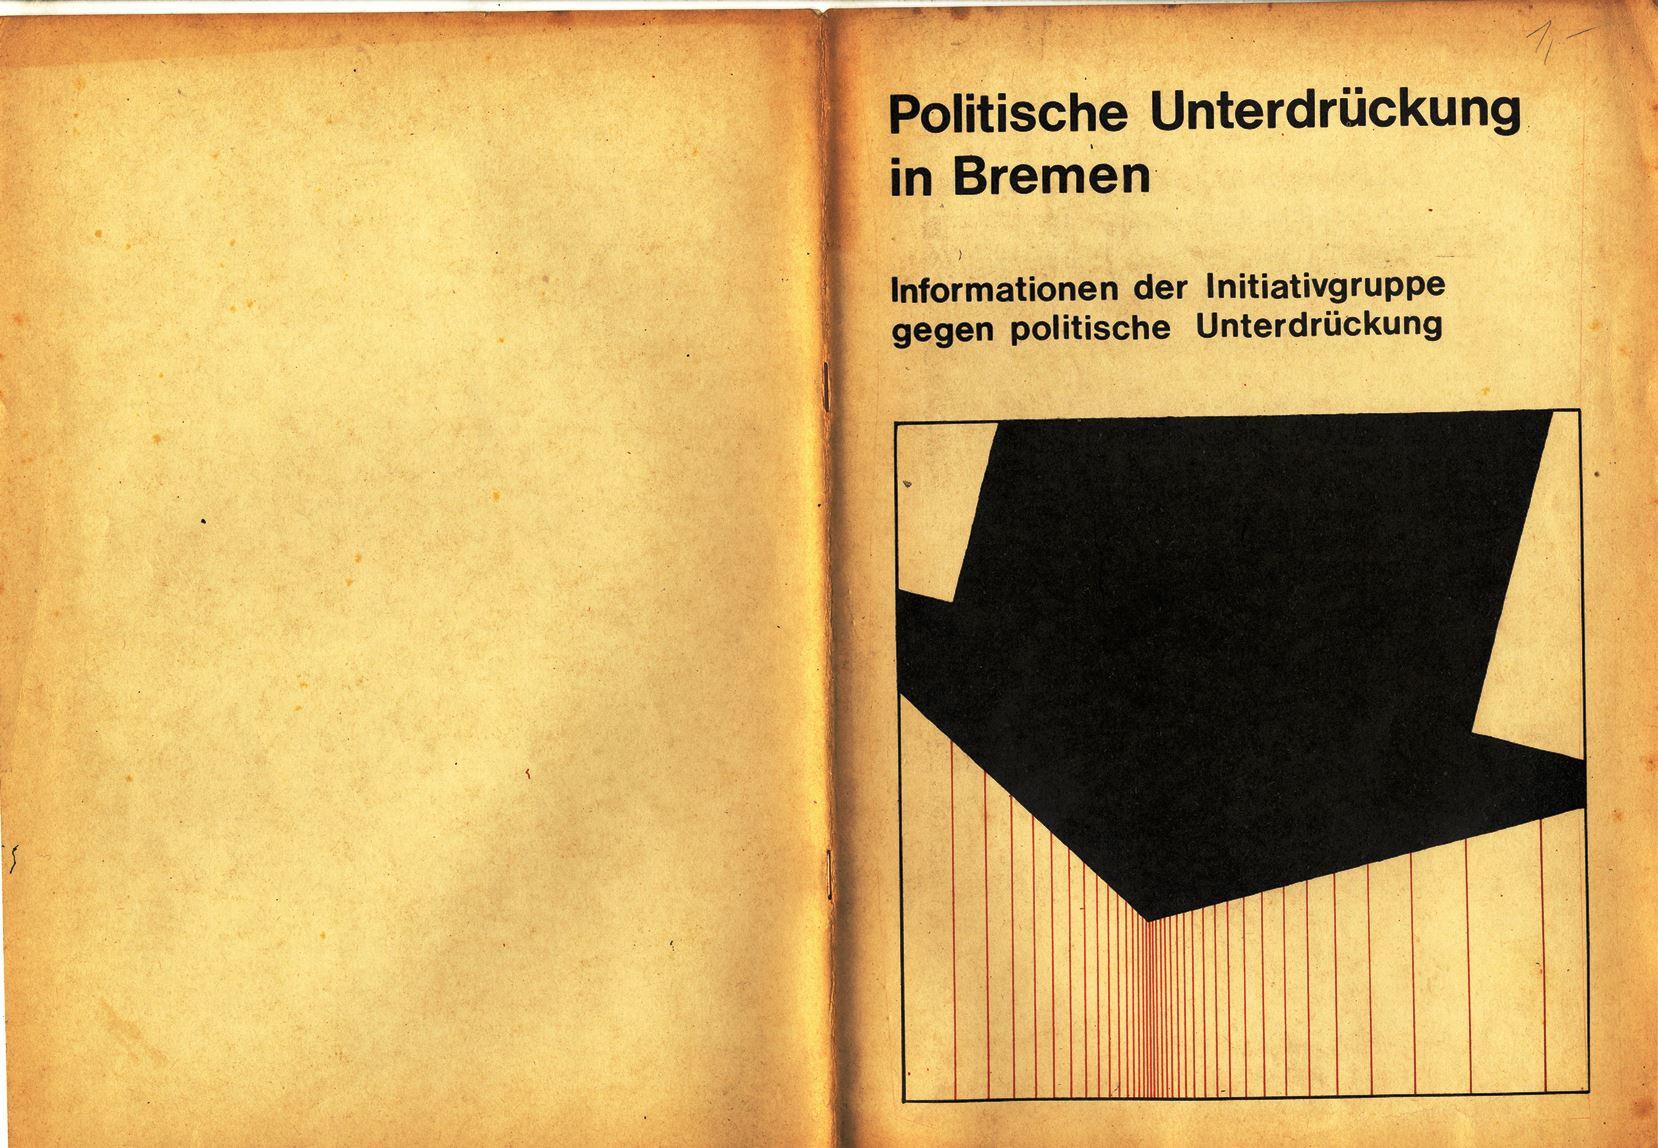 Bremen_Politische_Unterdrueckung_001